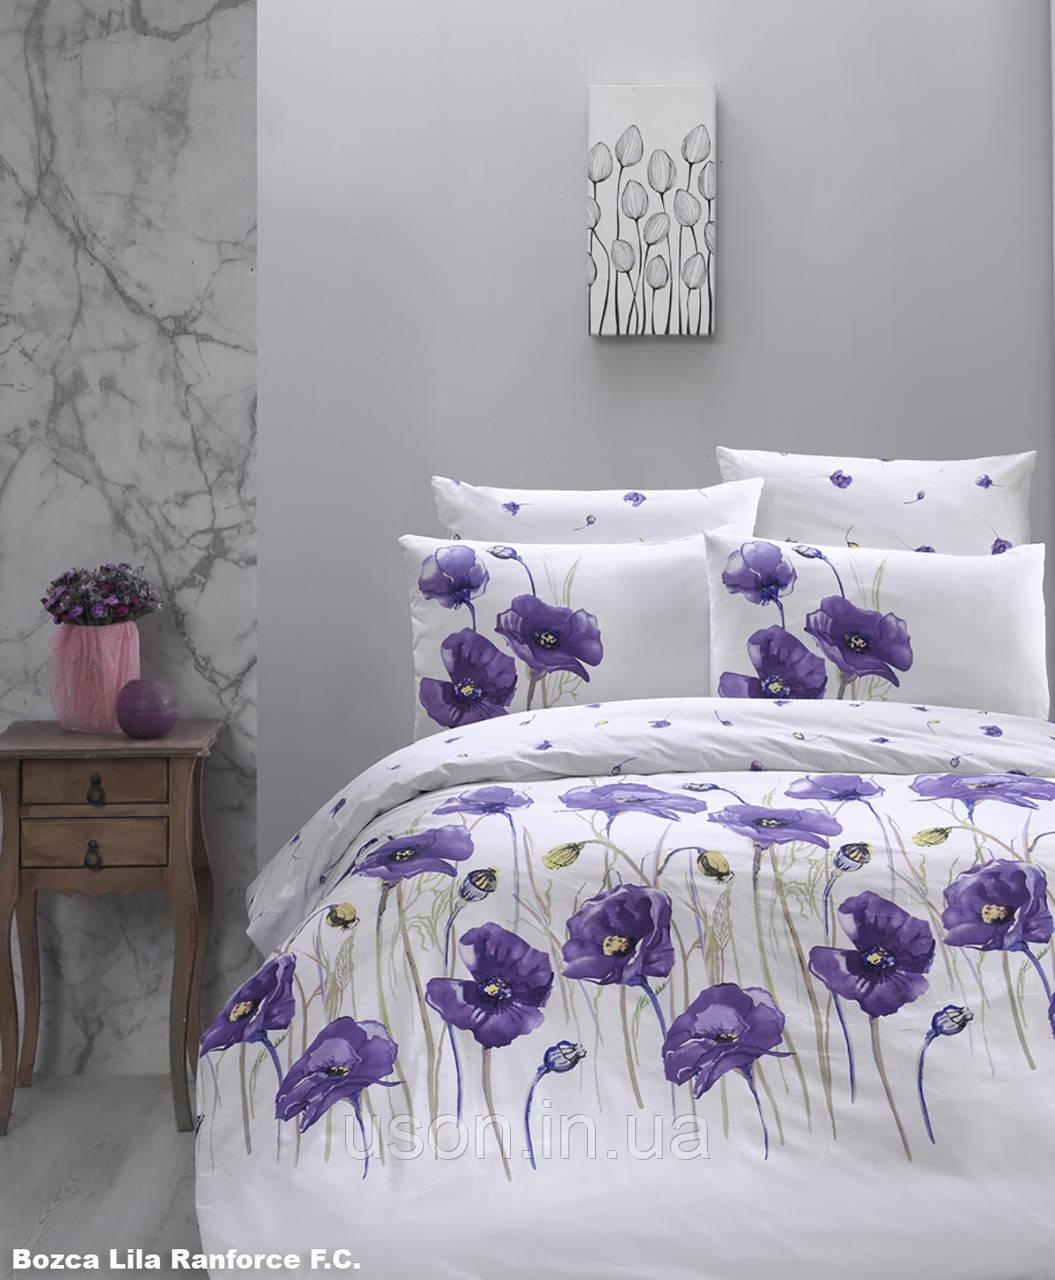 Комплект постельного белья TM First Choice ранфорс Bozca Lila